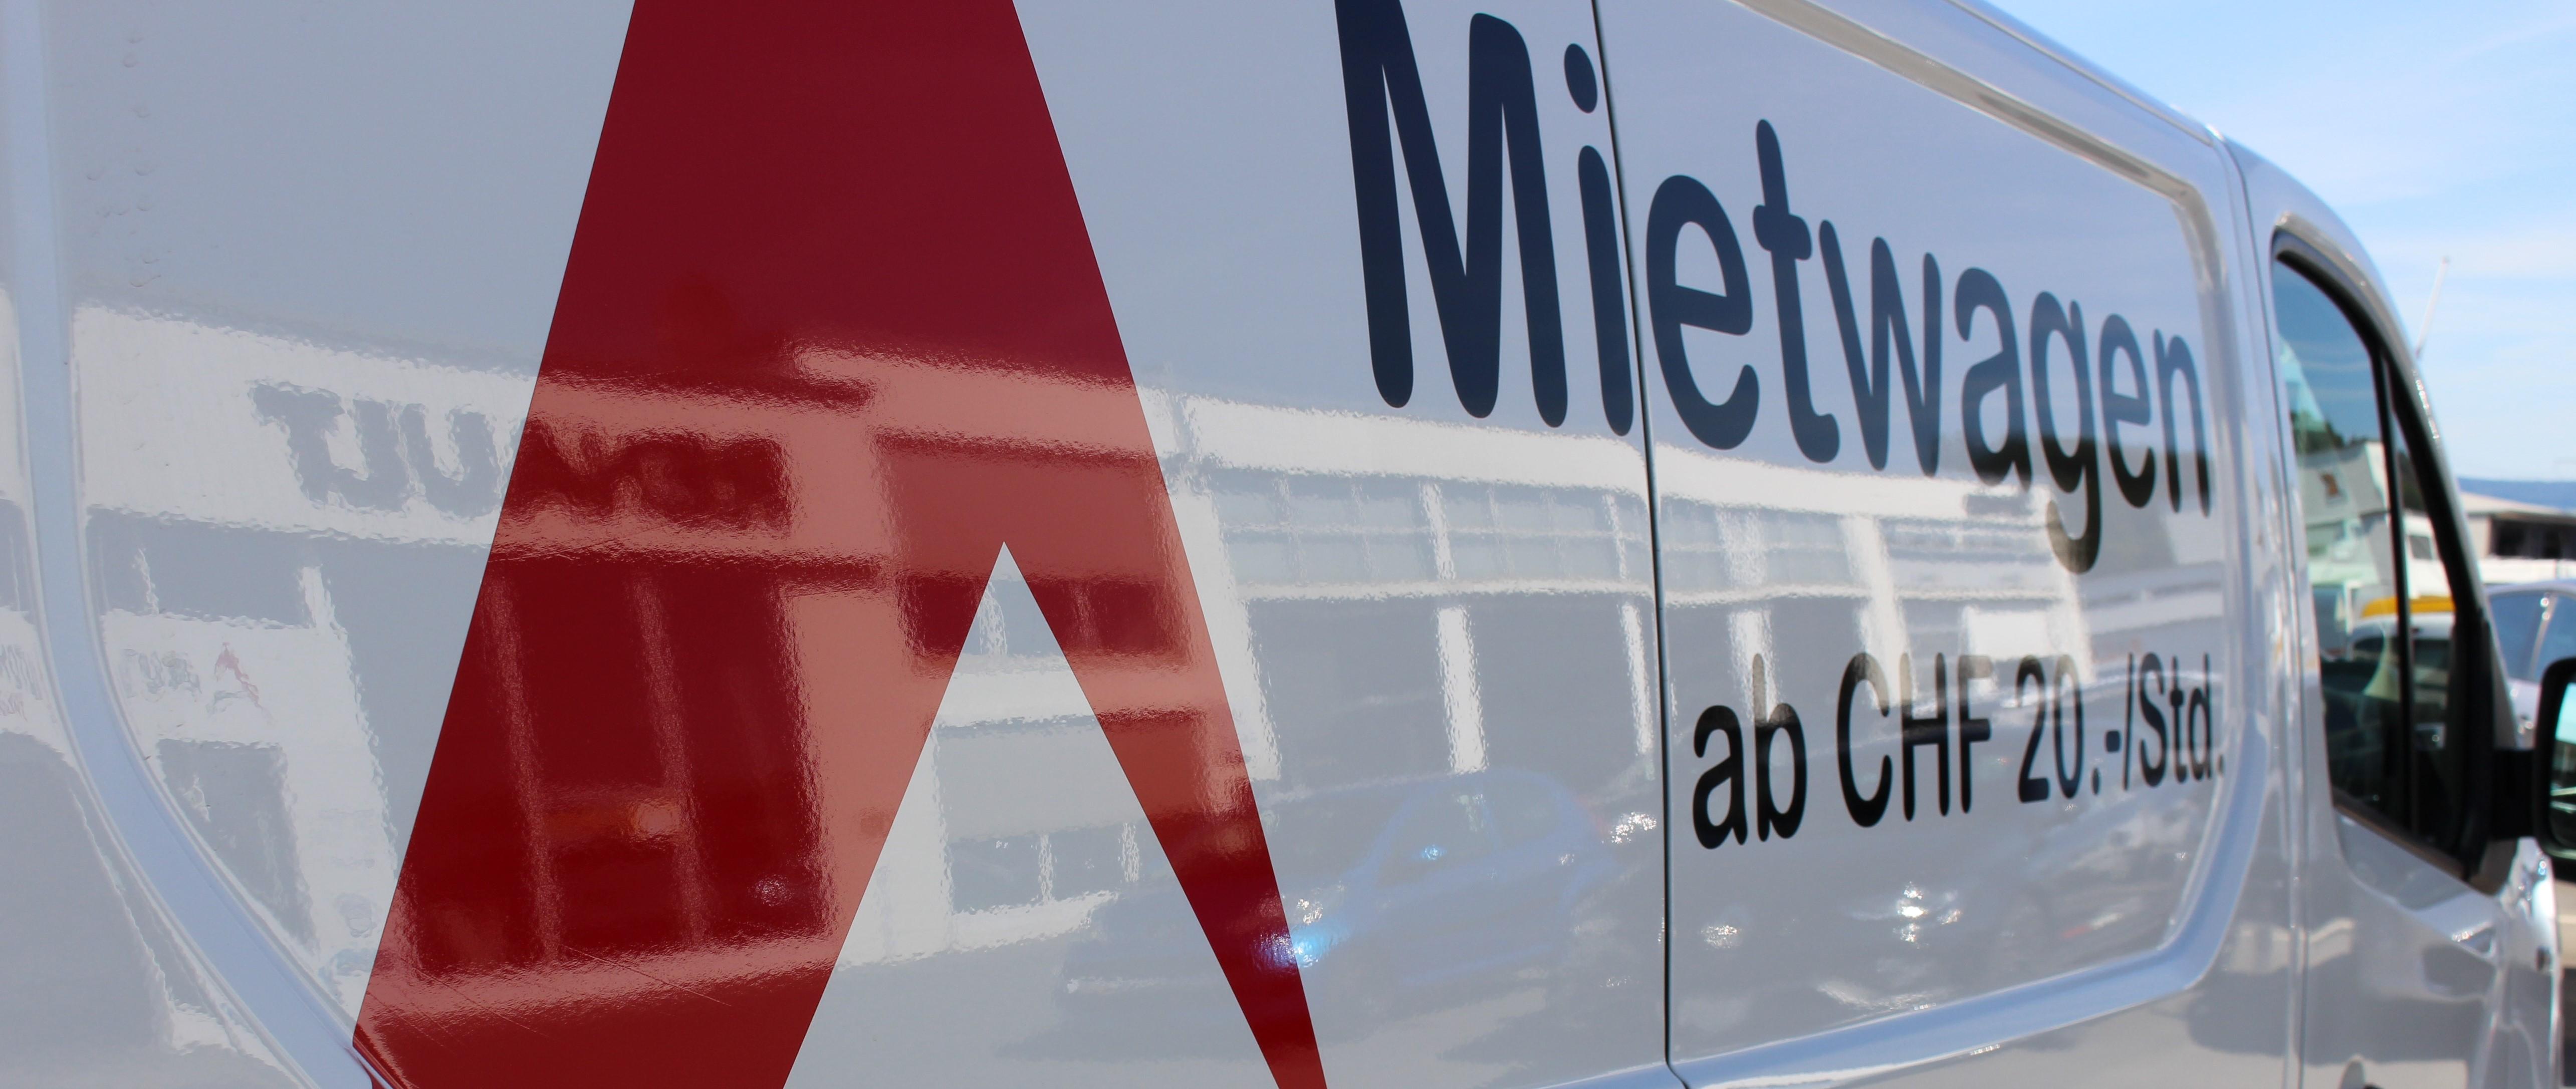 Lieferwagen - Autohaus Thun Nord